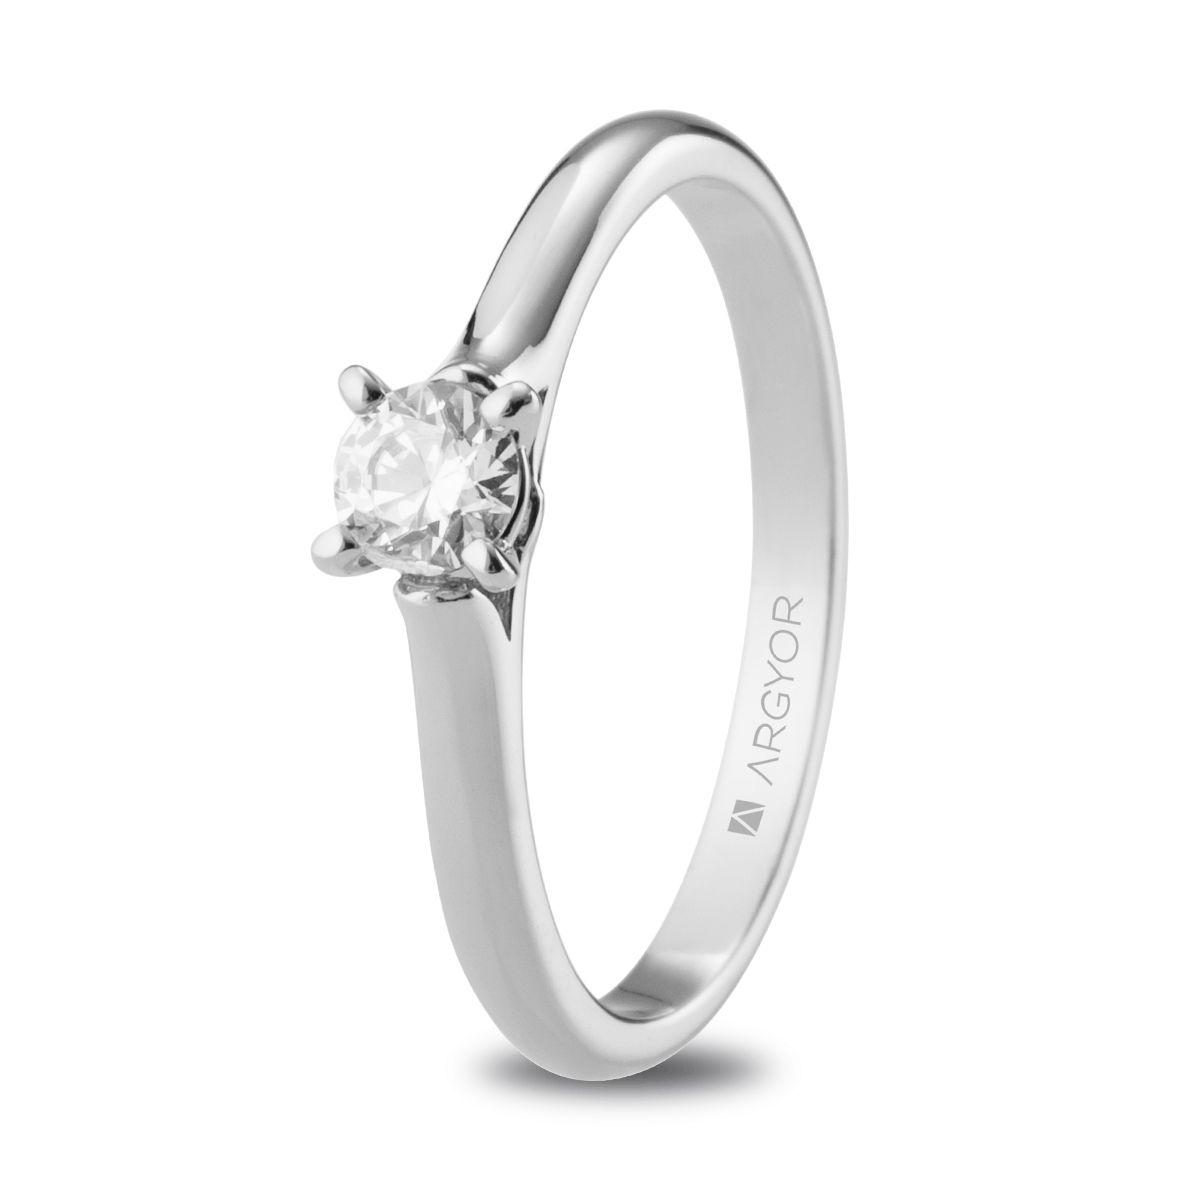 adabbcf188a7 Anillo de compromiso Argyor o. blanco 1 diamante 0.25ct. Sortija 1 diamante  0.25